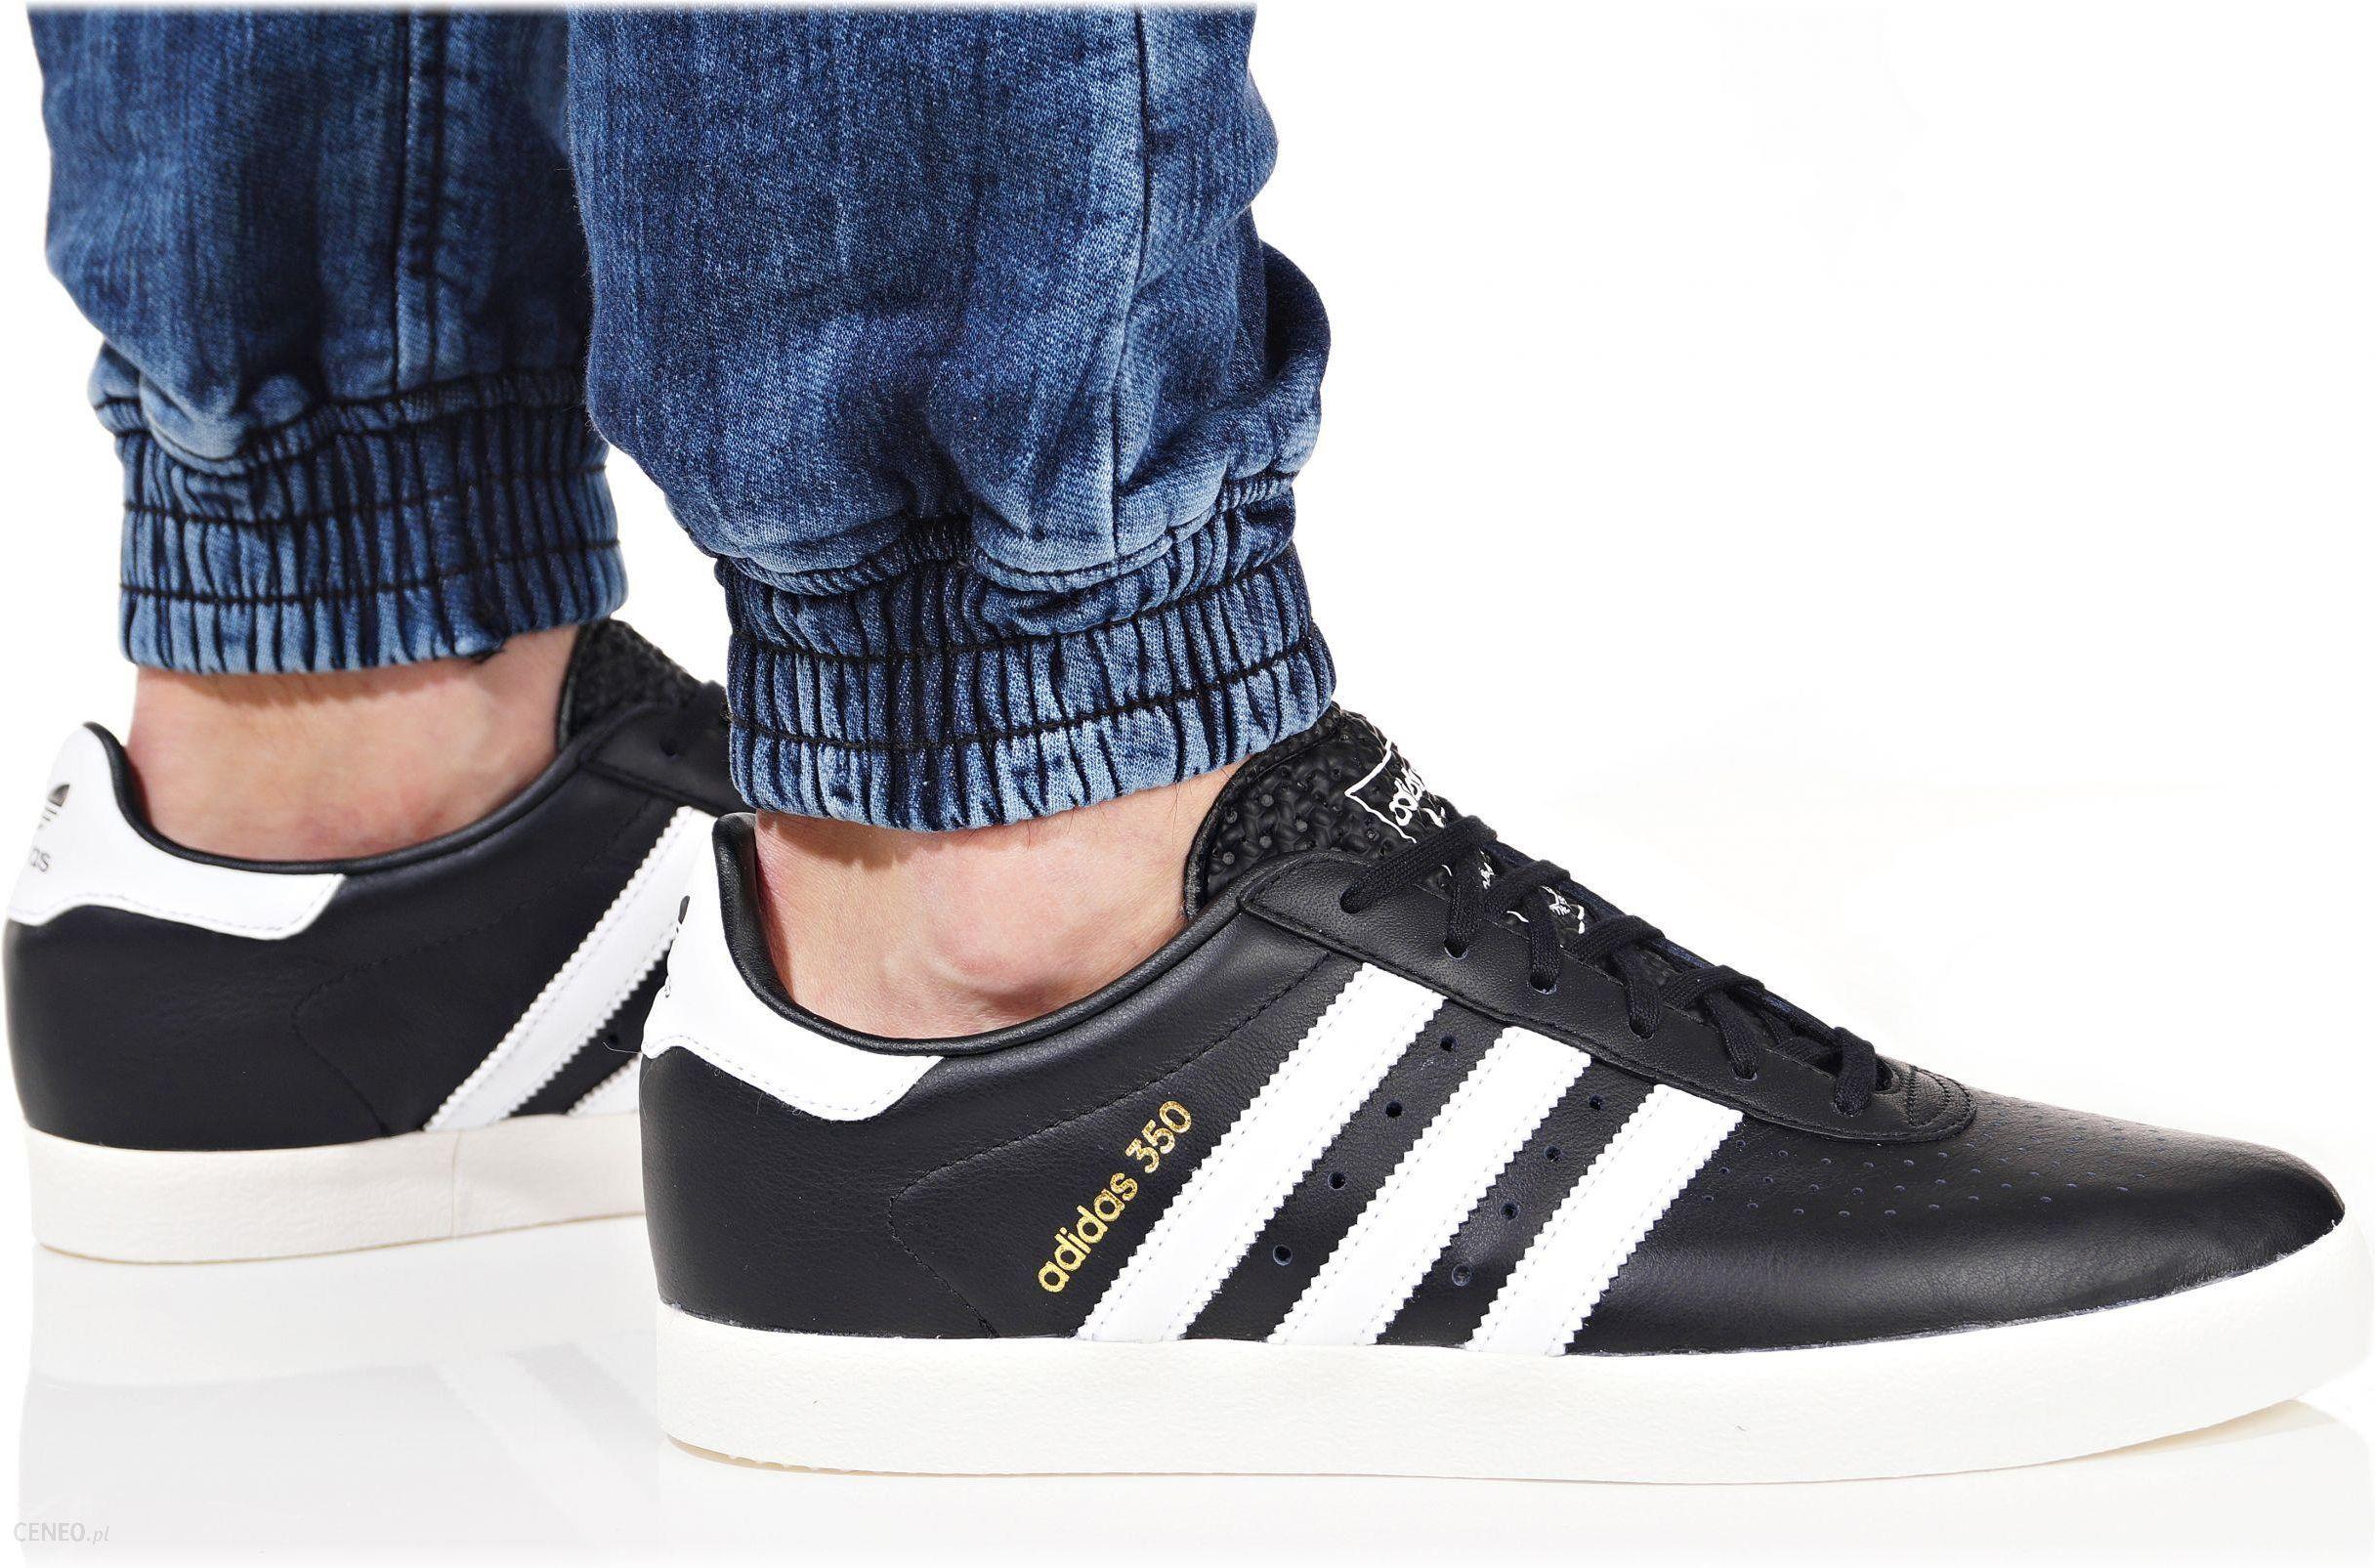 Buty Adidas Męskie Adi Ease CQ1068 Trampki Moro Ceny i opinie Ceneo.pl